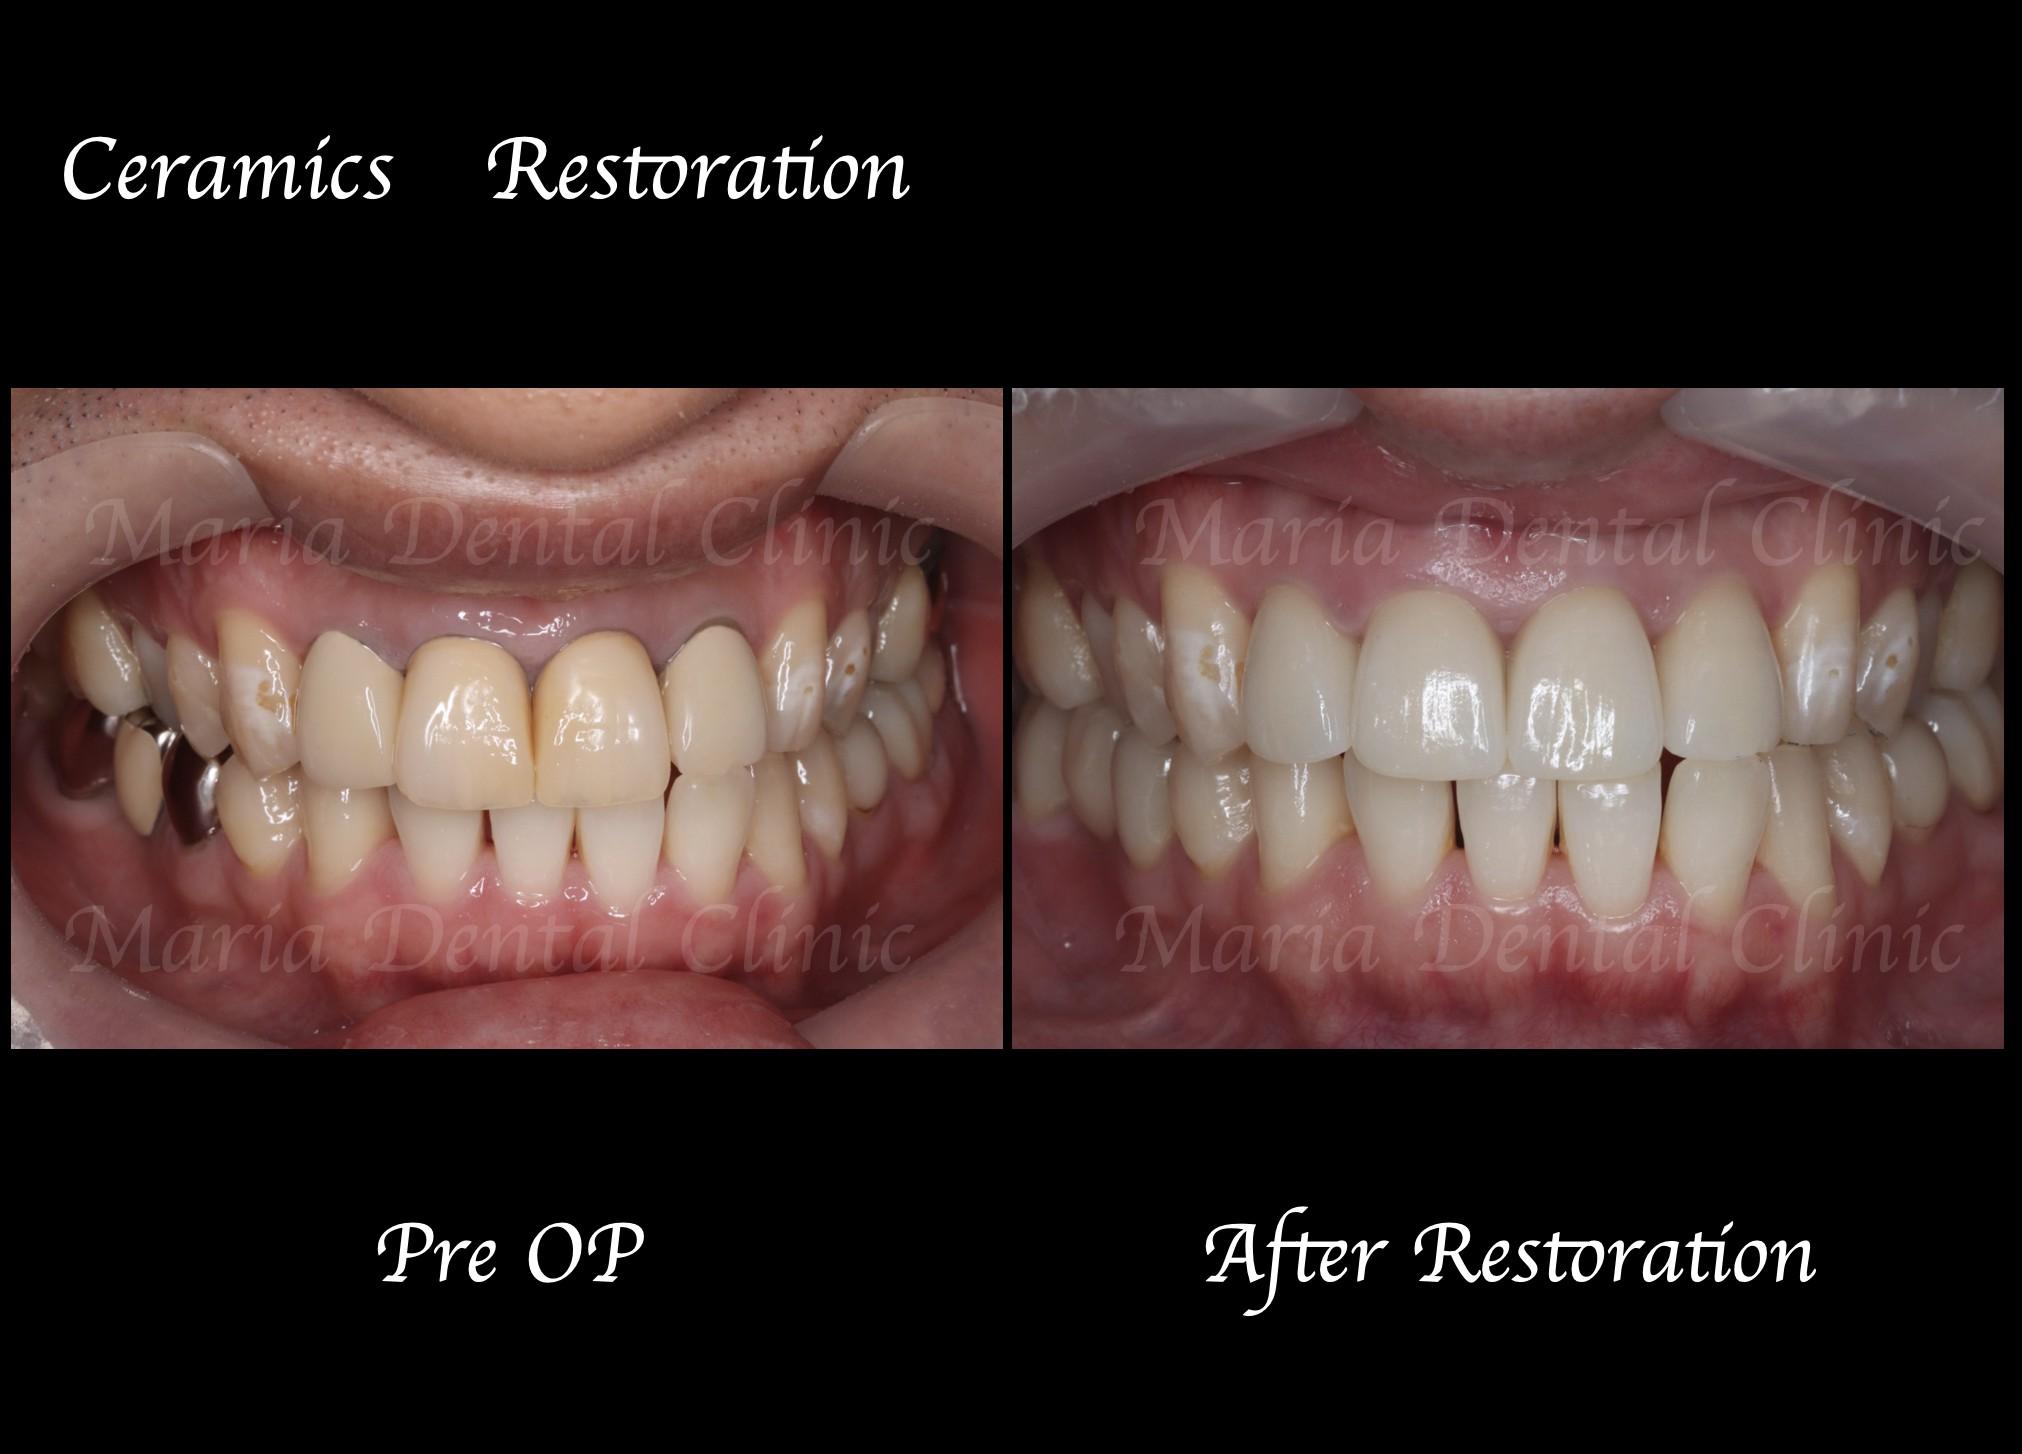 目白マリア歯科|【症例】自然な美しさを考慮した審美歯科治療 beforeafter